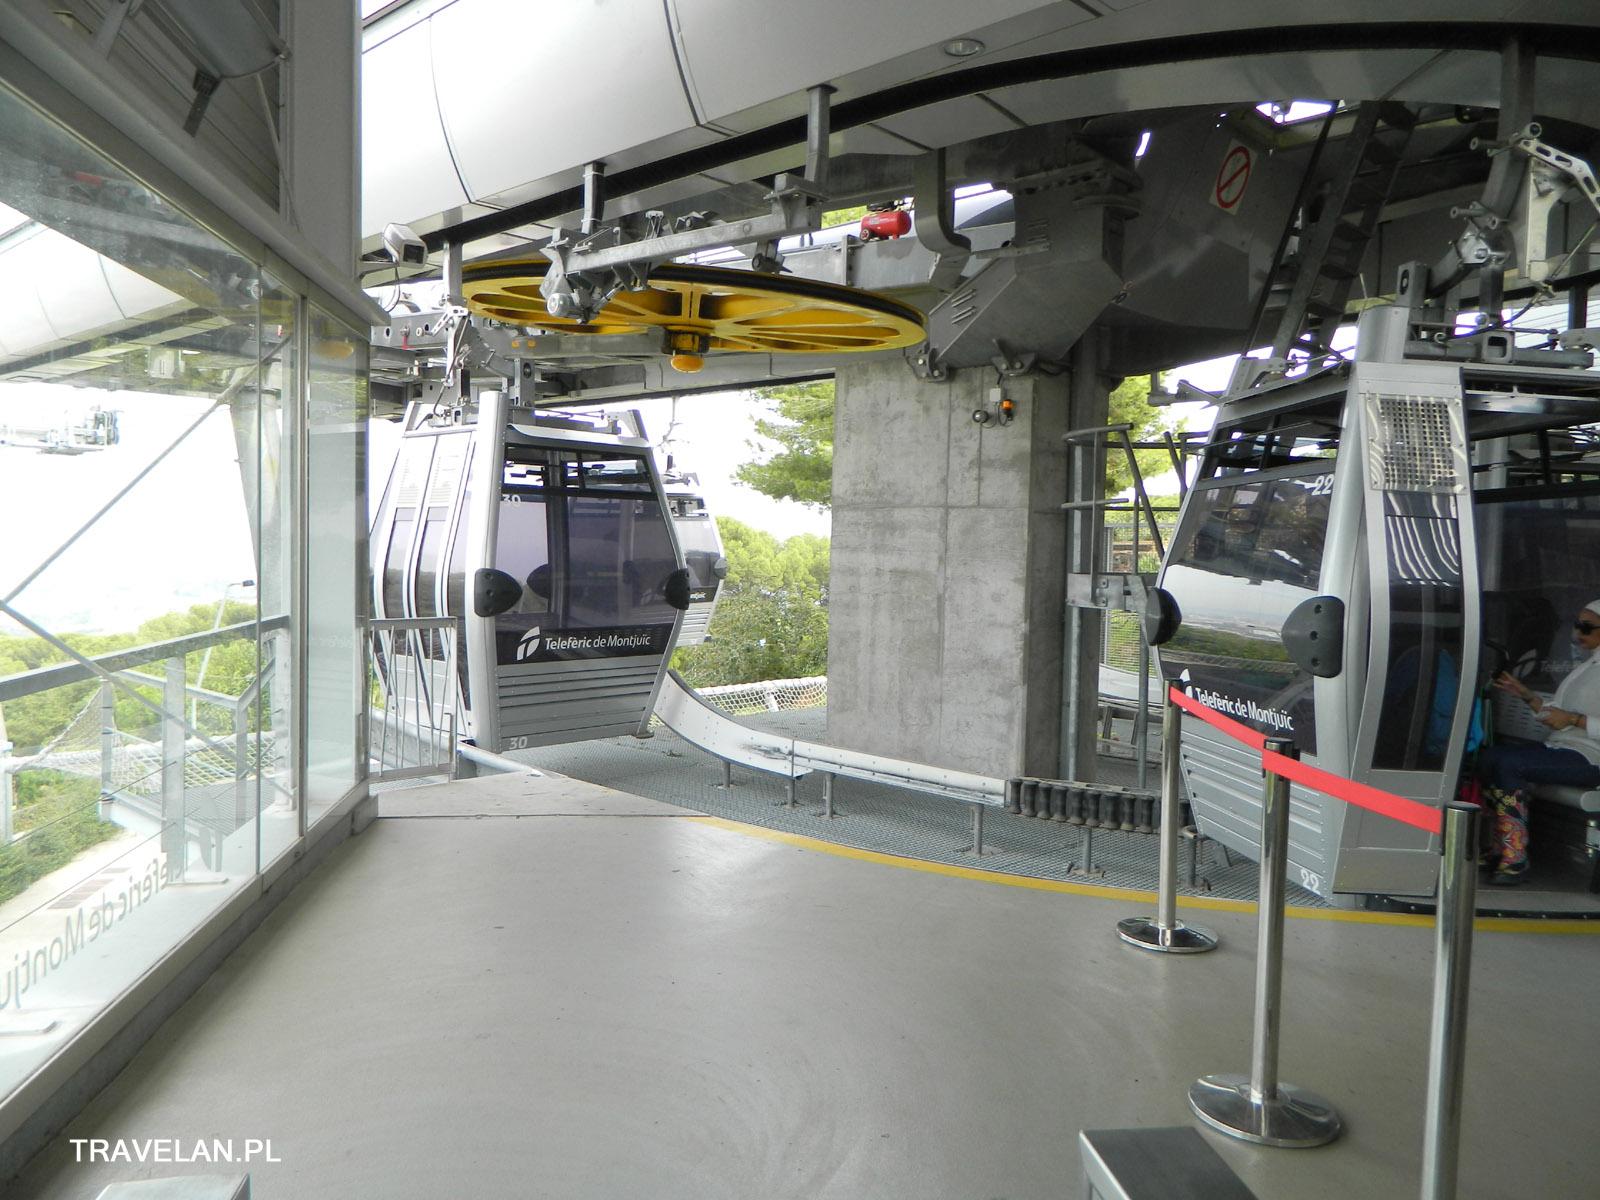 Kolejka Teleferic z i na wzgórze Montjuice